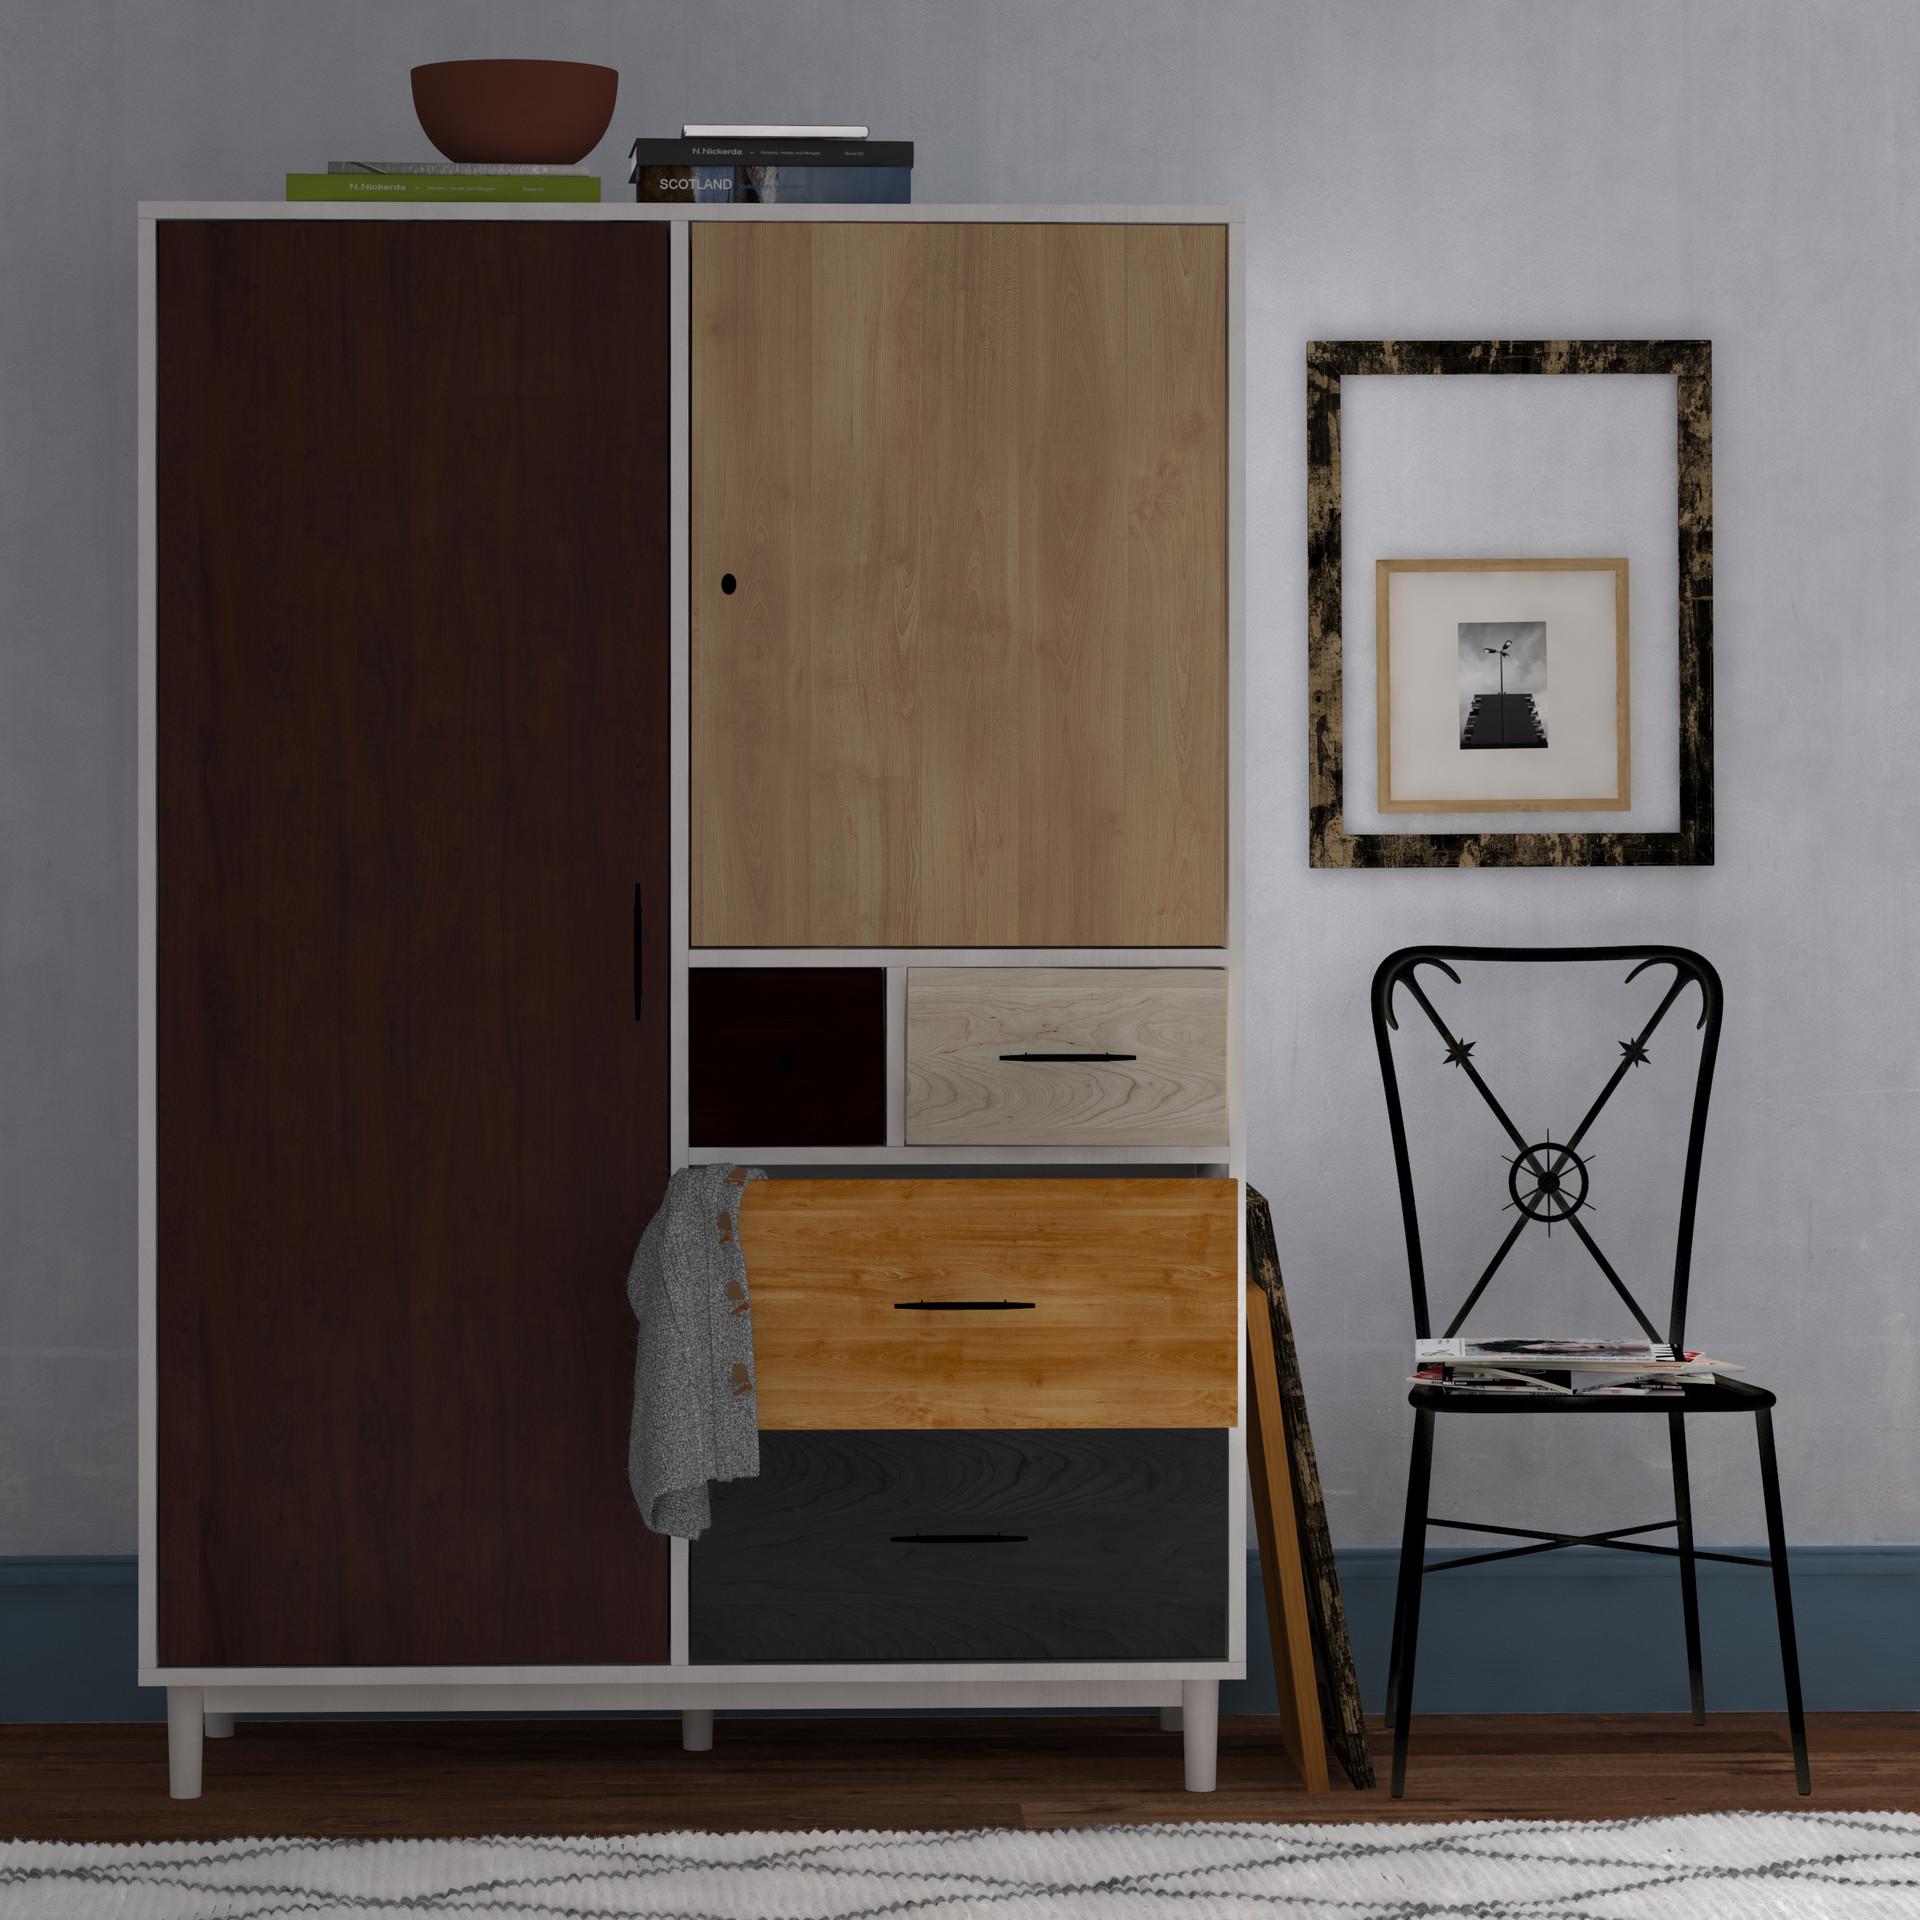 Superbe Max Holzer Interior Closet 141025 Vrayglobalillumination